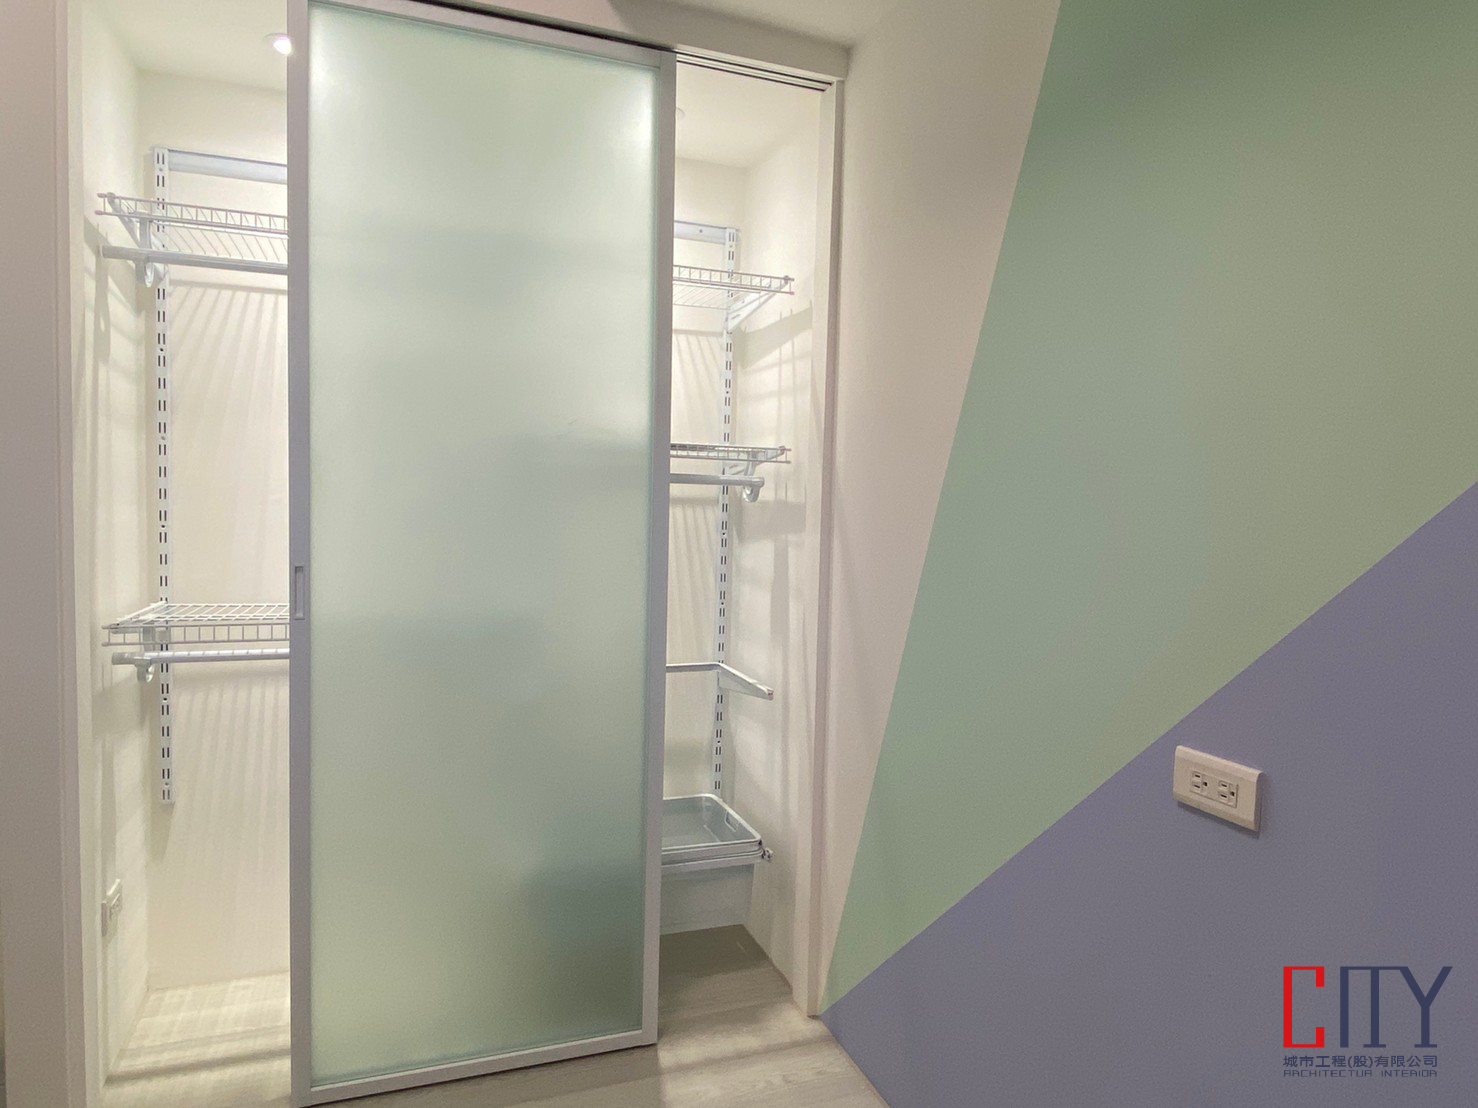 室內設計 統包裝潢 新成屋設計 老屋翻新 住宅裝修